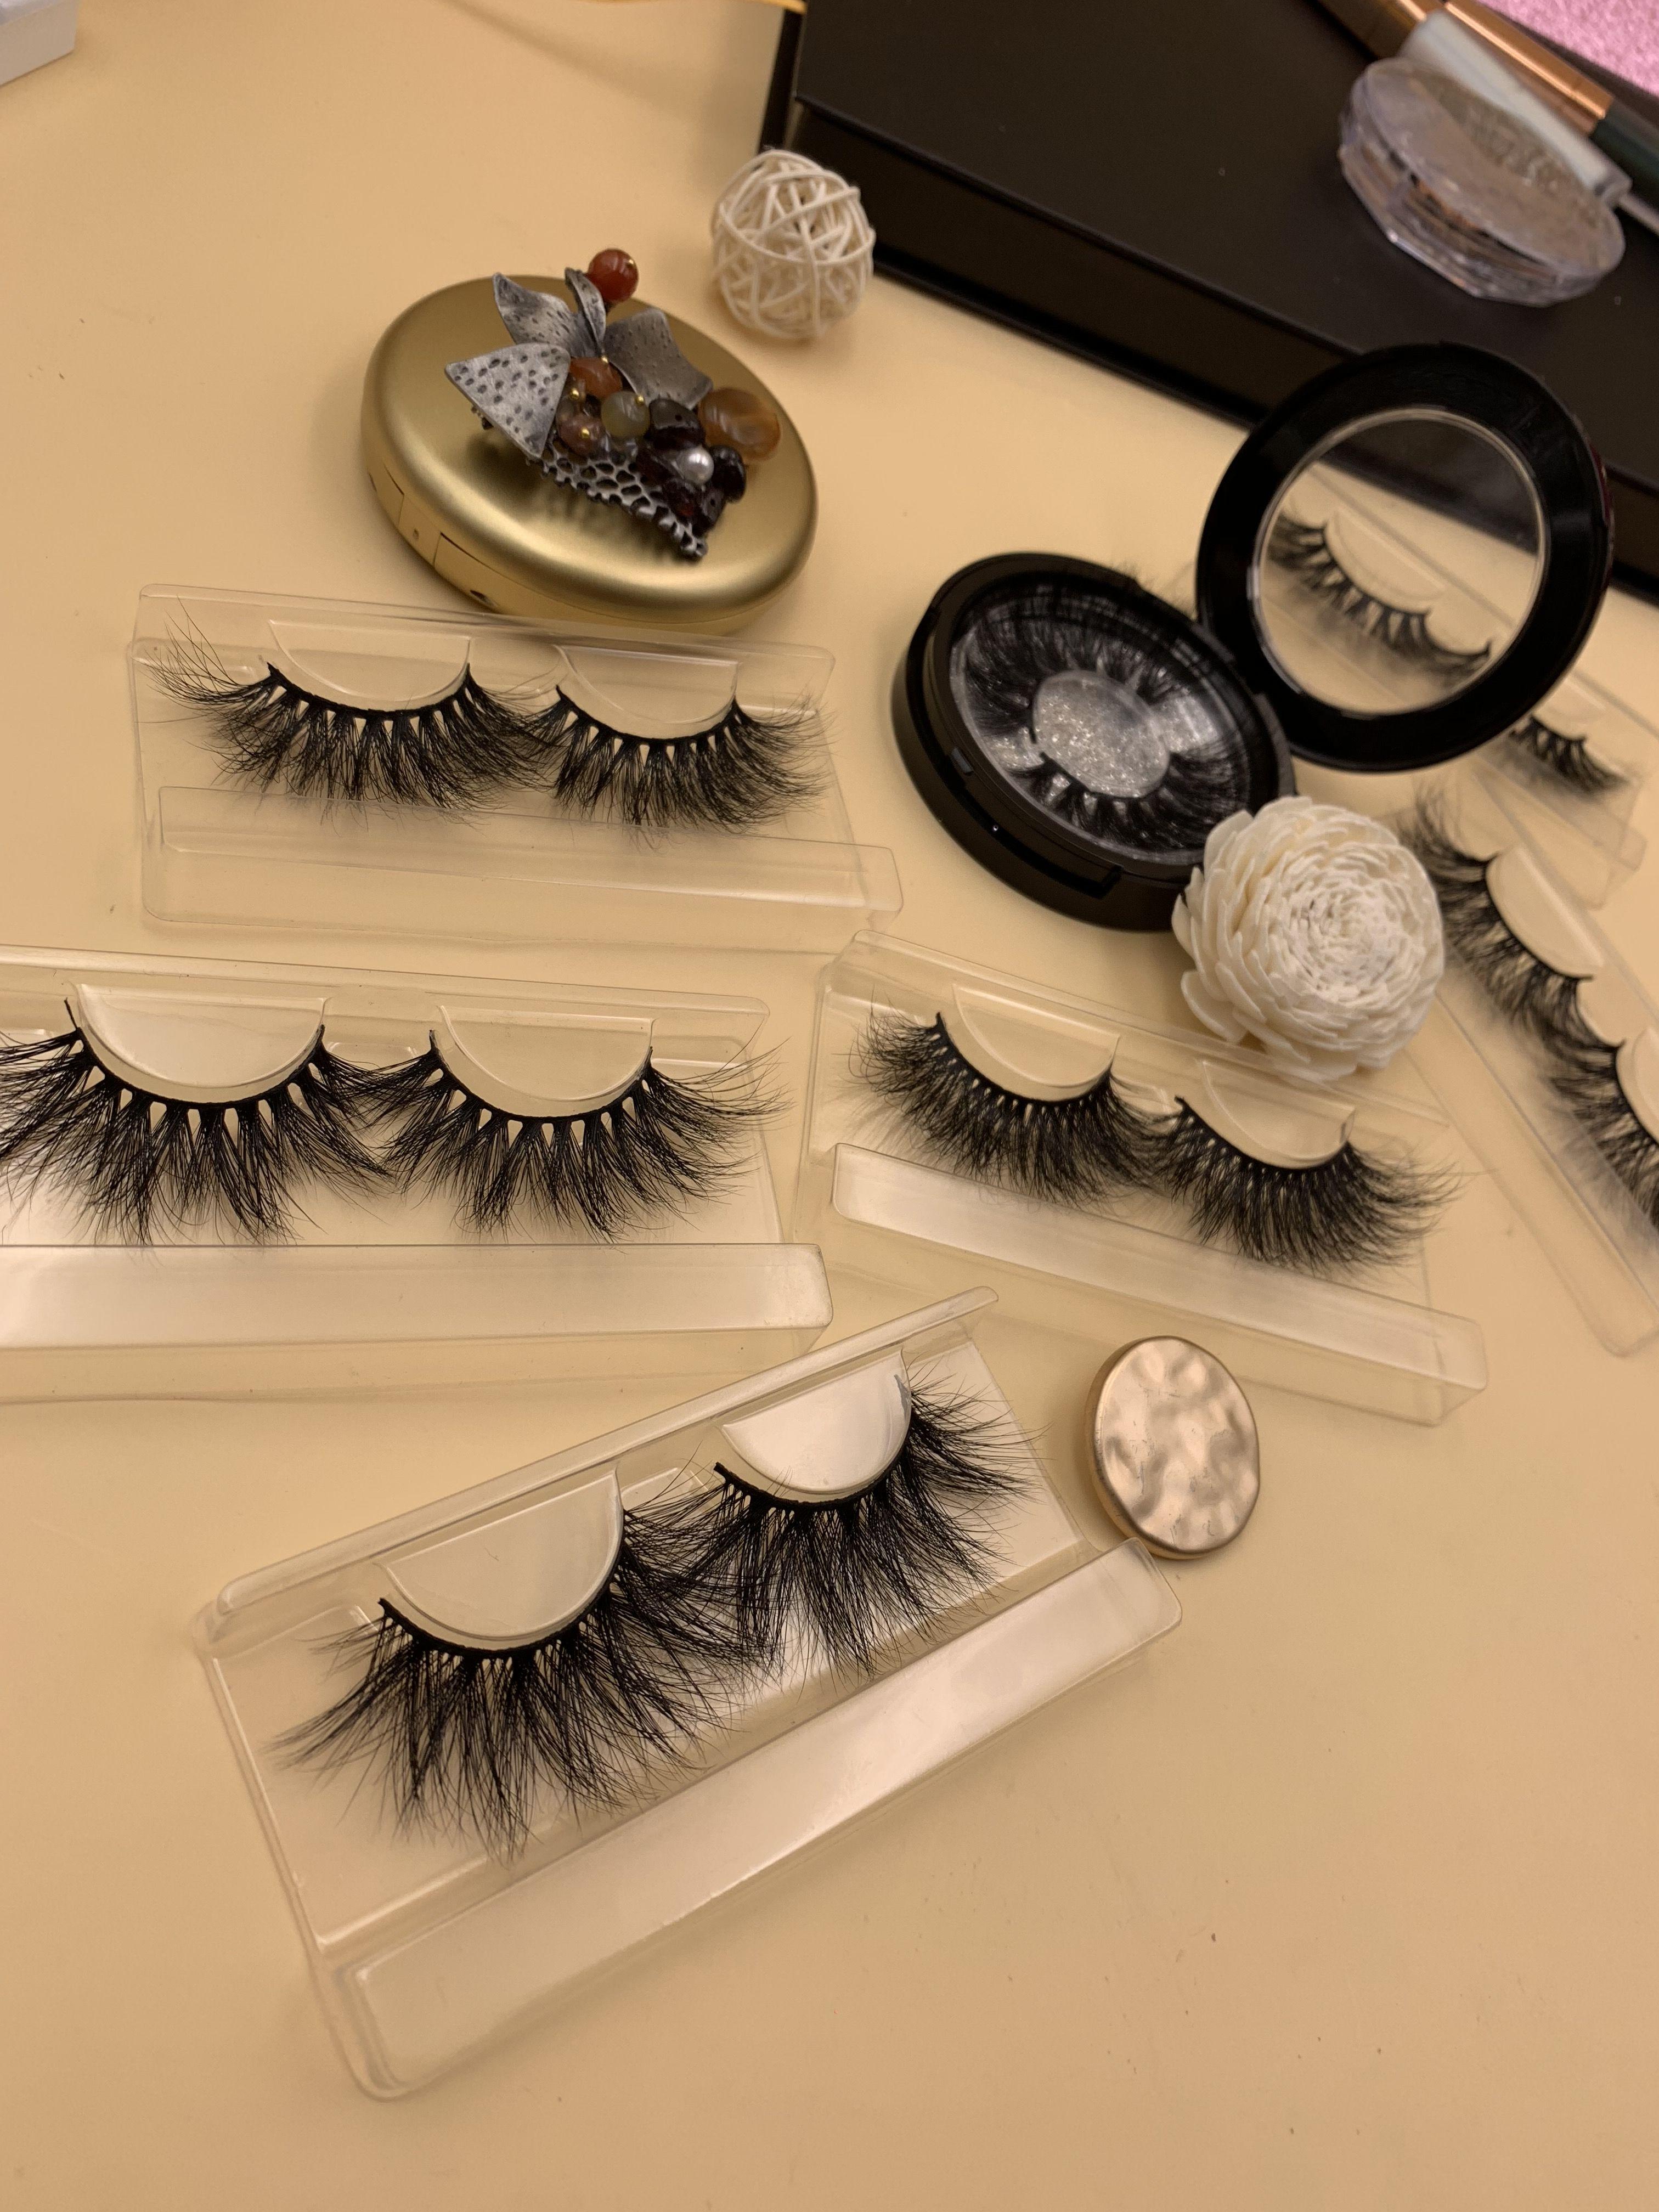 lash vendor Mink eyelashes wholesale, Lashes, Strip